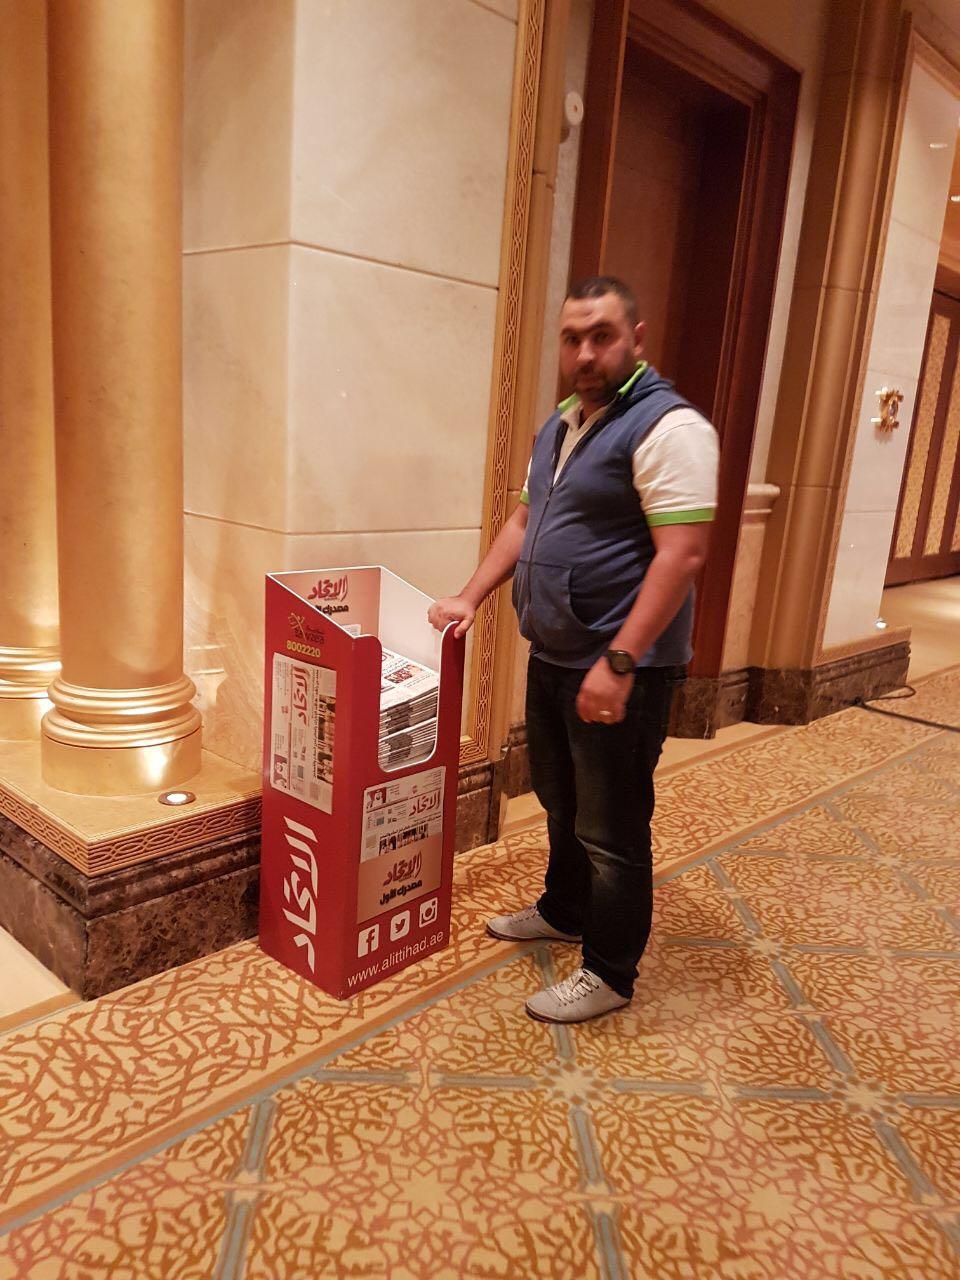 مشاركتنا في حفل جائزة أبوظبي للأداء الحكومي المتميز الدورة الخامسة